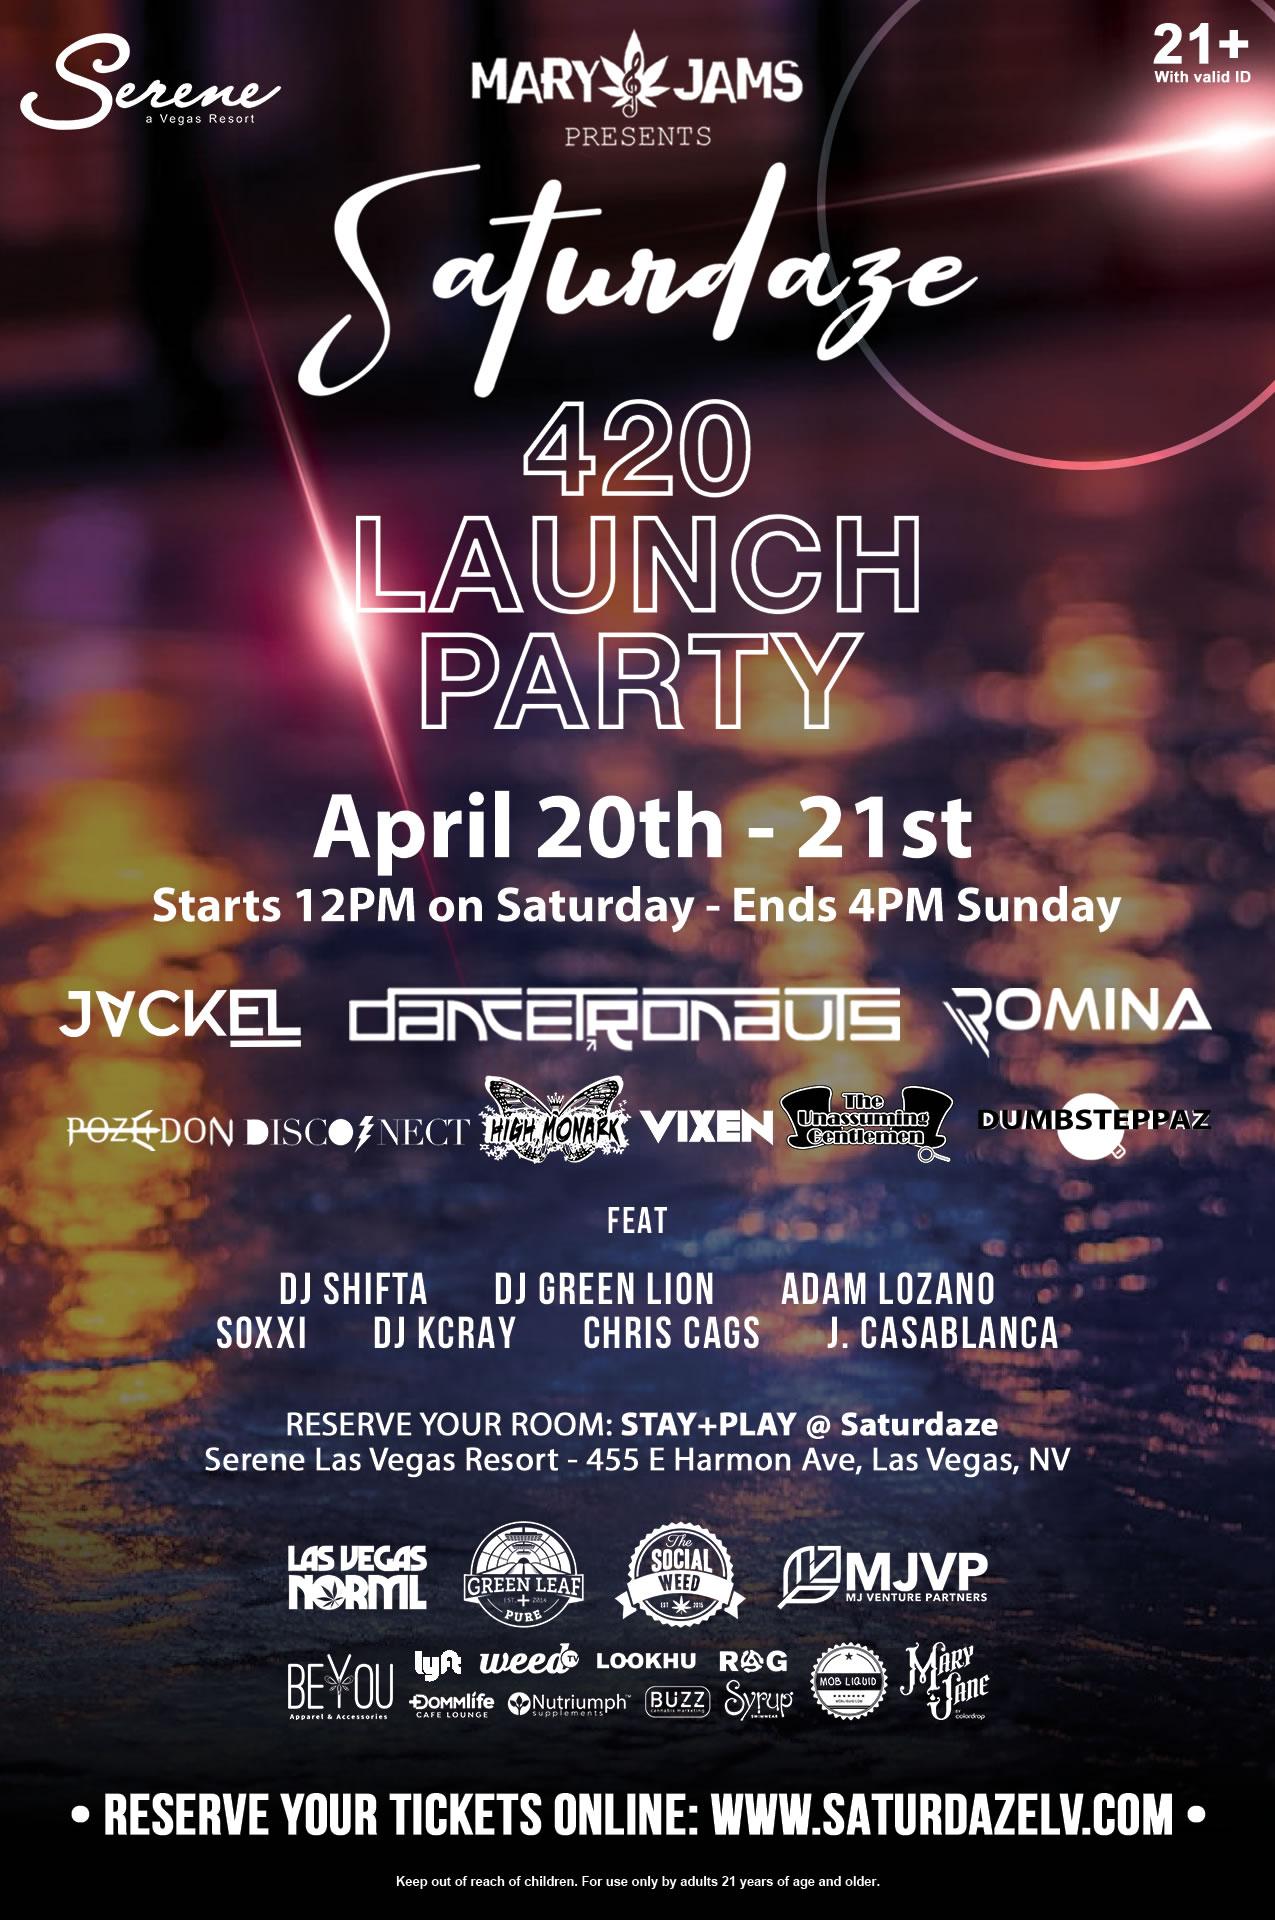 SATURDAZE Las Vegas 420 launch party event